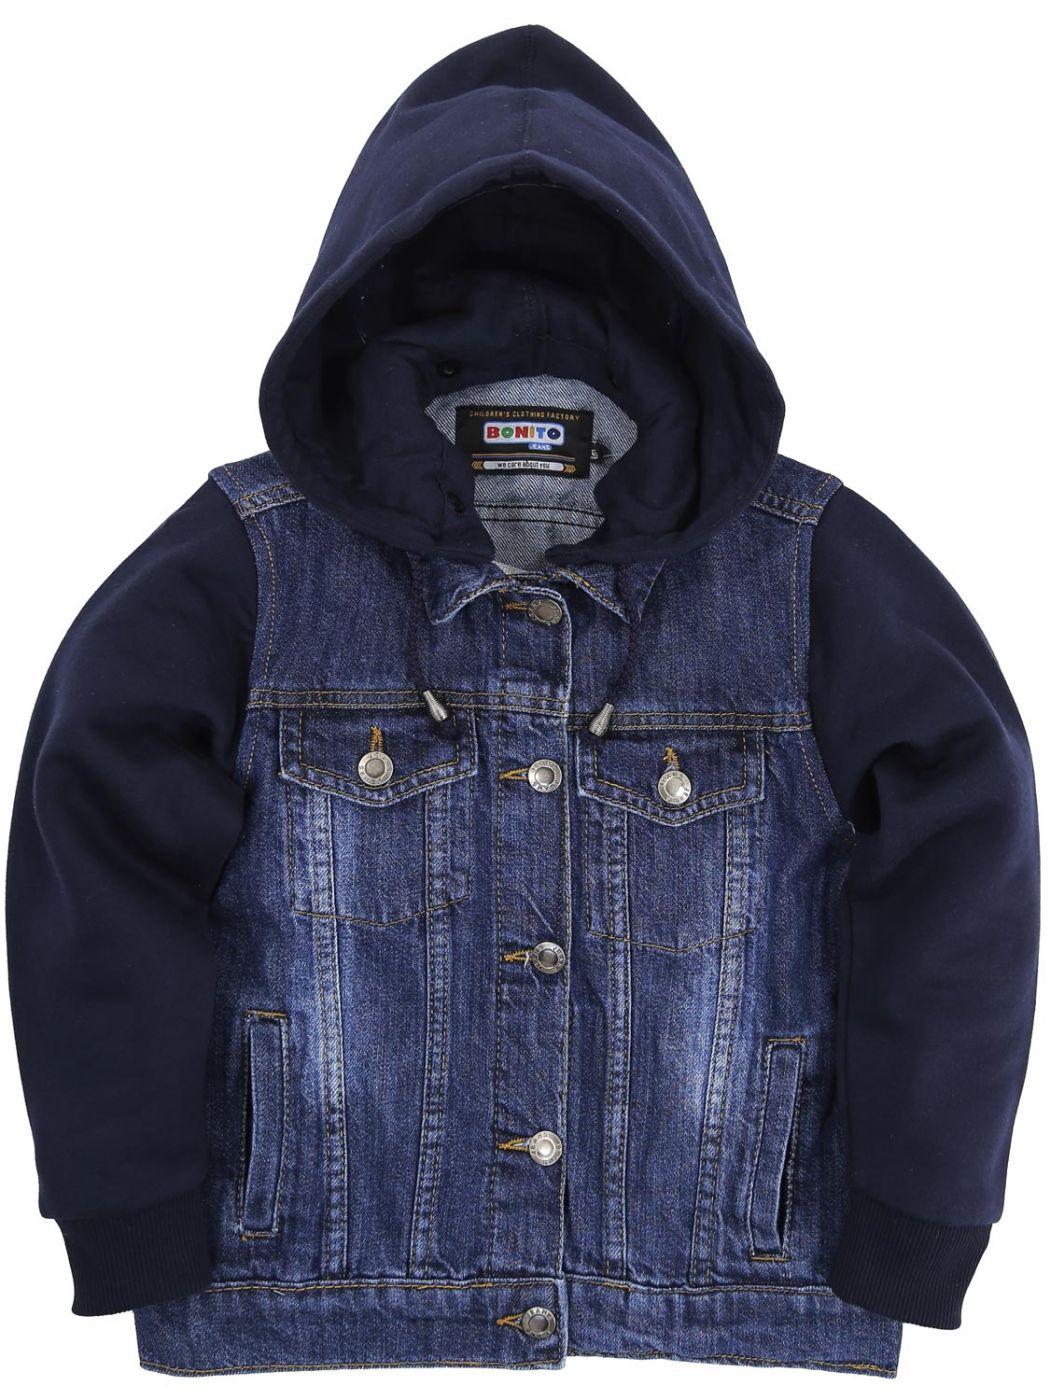 Куртка джинсовая с капюшоном Bonito Jeans Blue